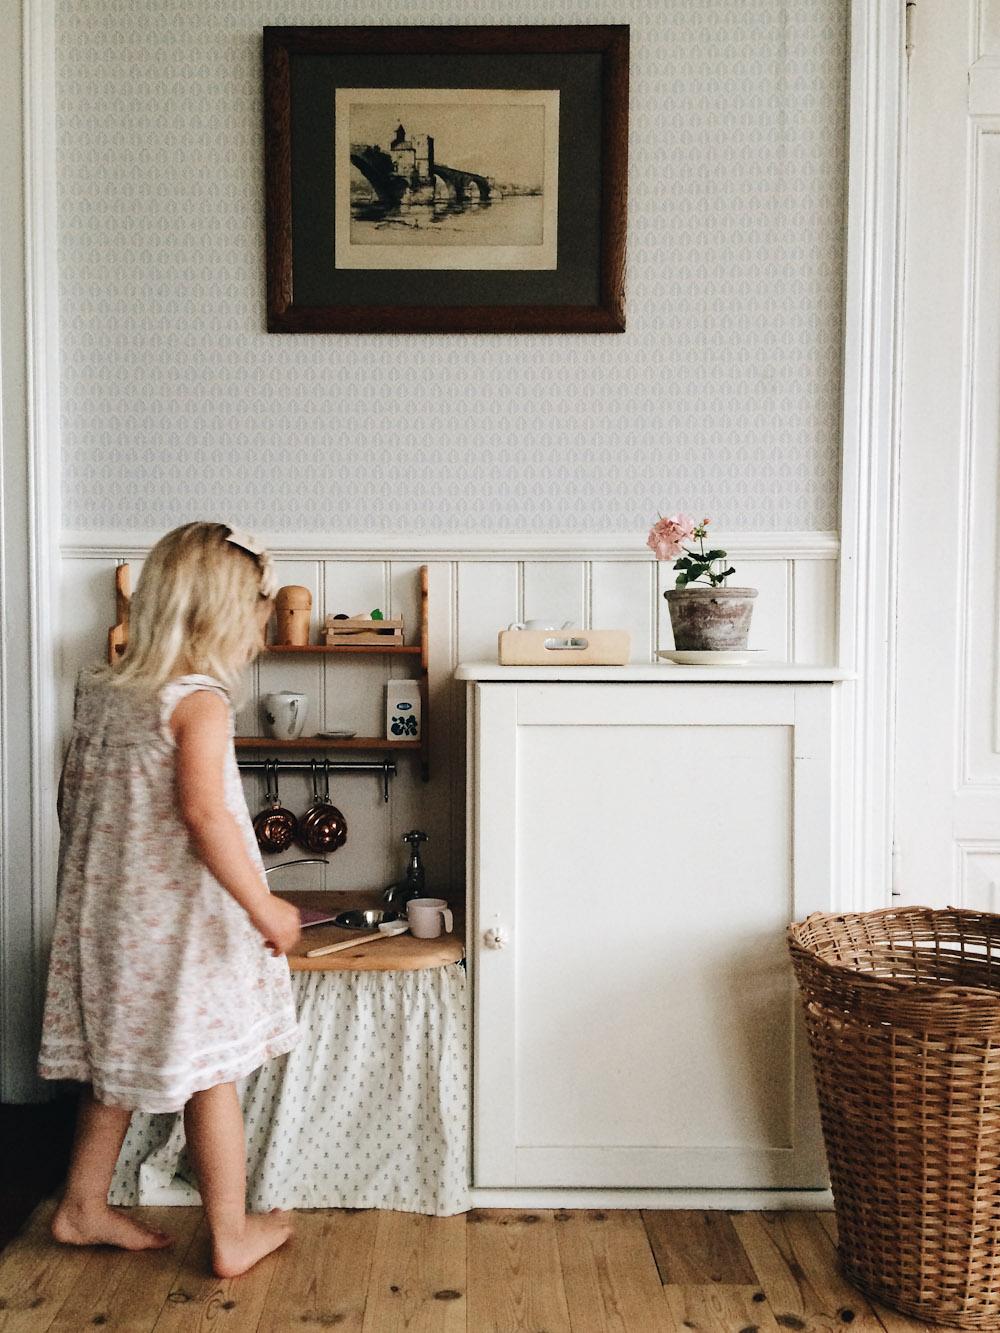 Hjemmebygget legekøkken. At lave gaverne selv, sparer rigtig mange penge